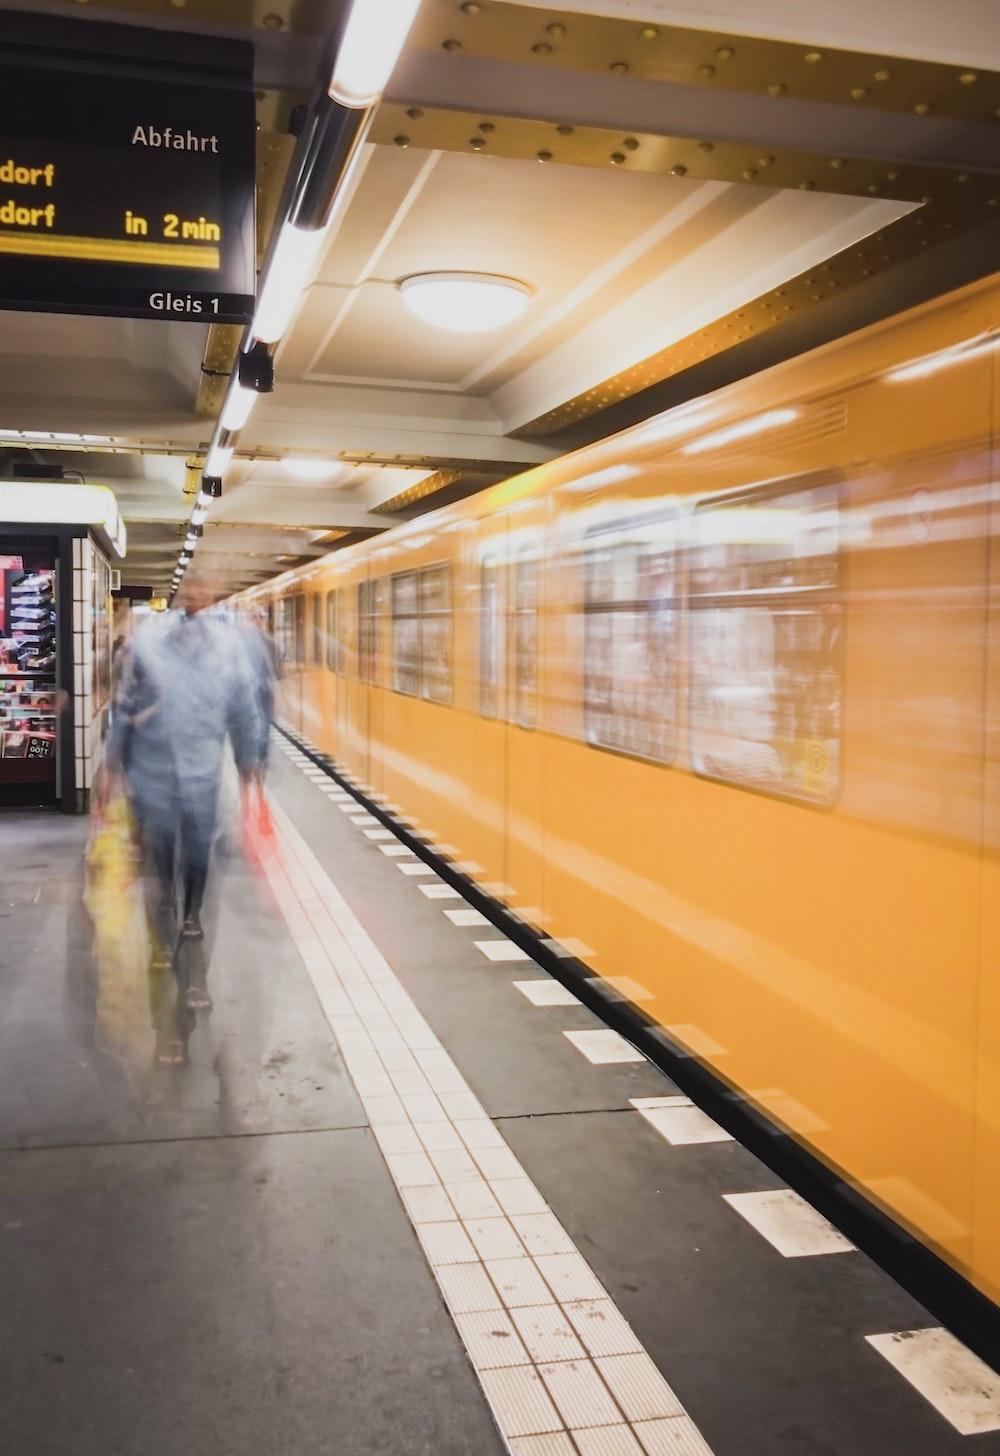 man in gray jacket walking on train station